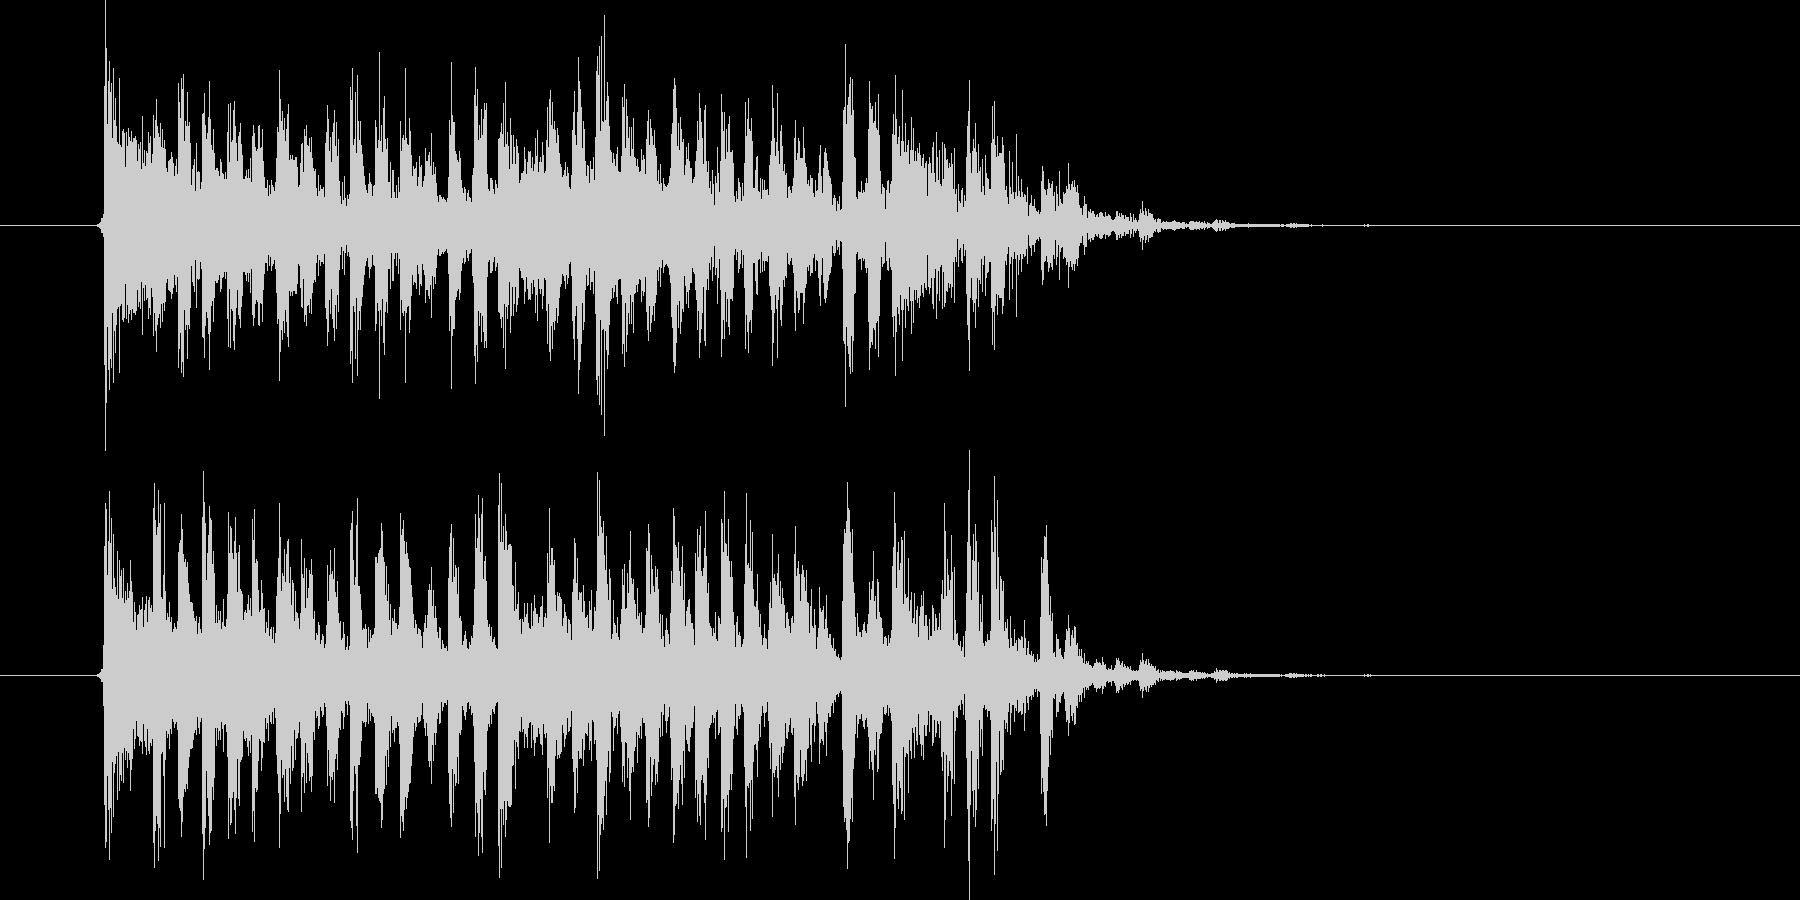 切なく激しいテクノ音楽の未再生の波形